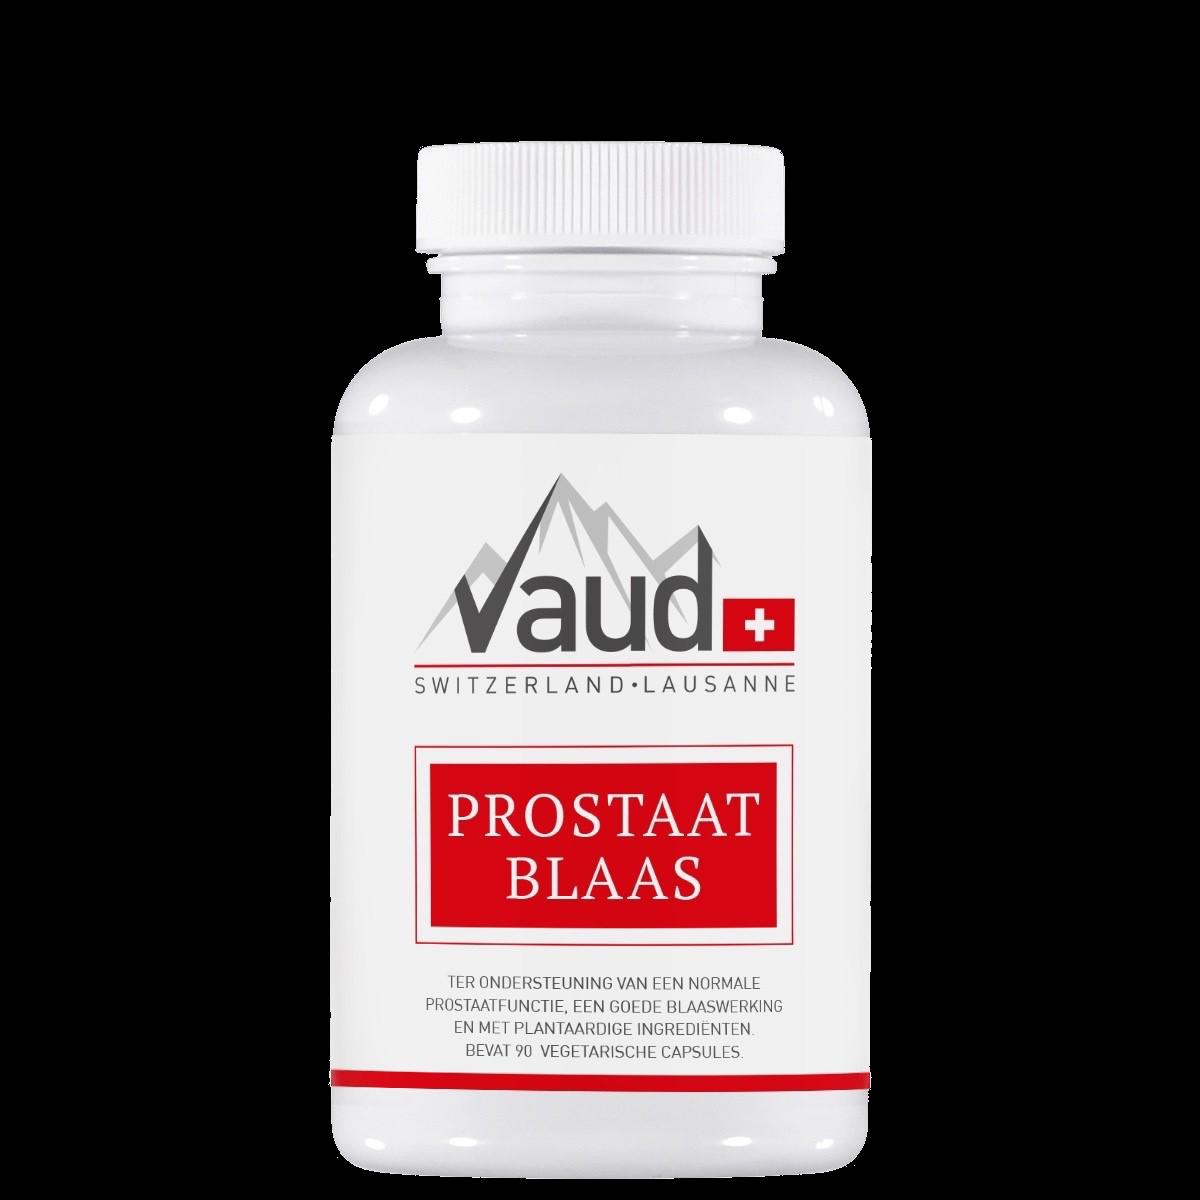 gezondheid van de prostaat